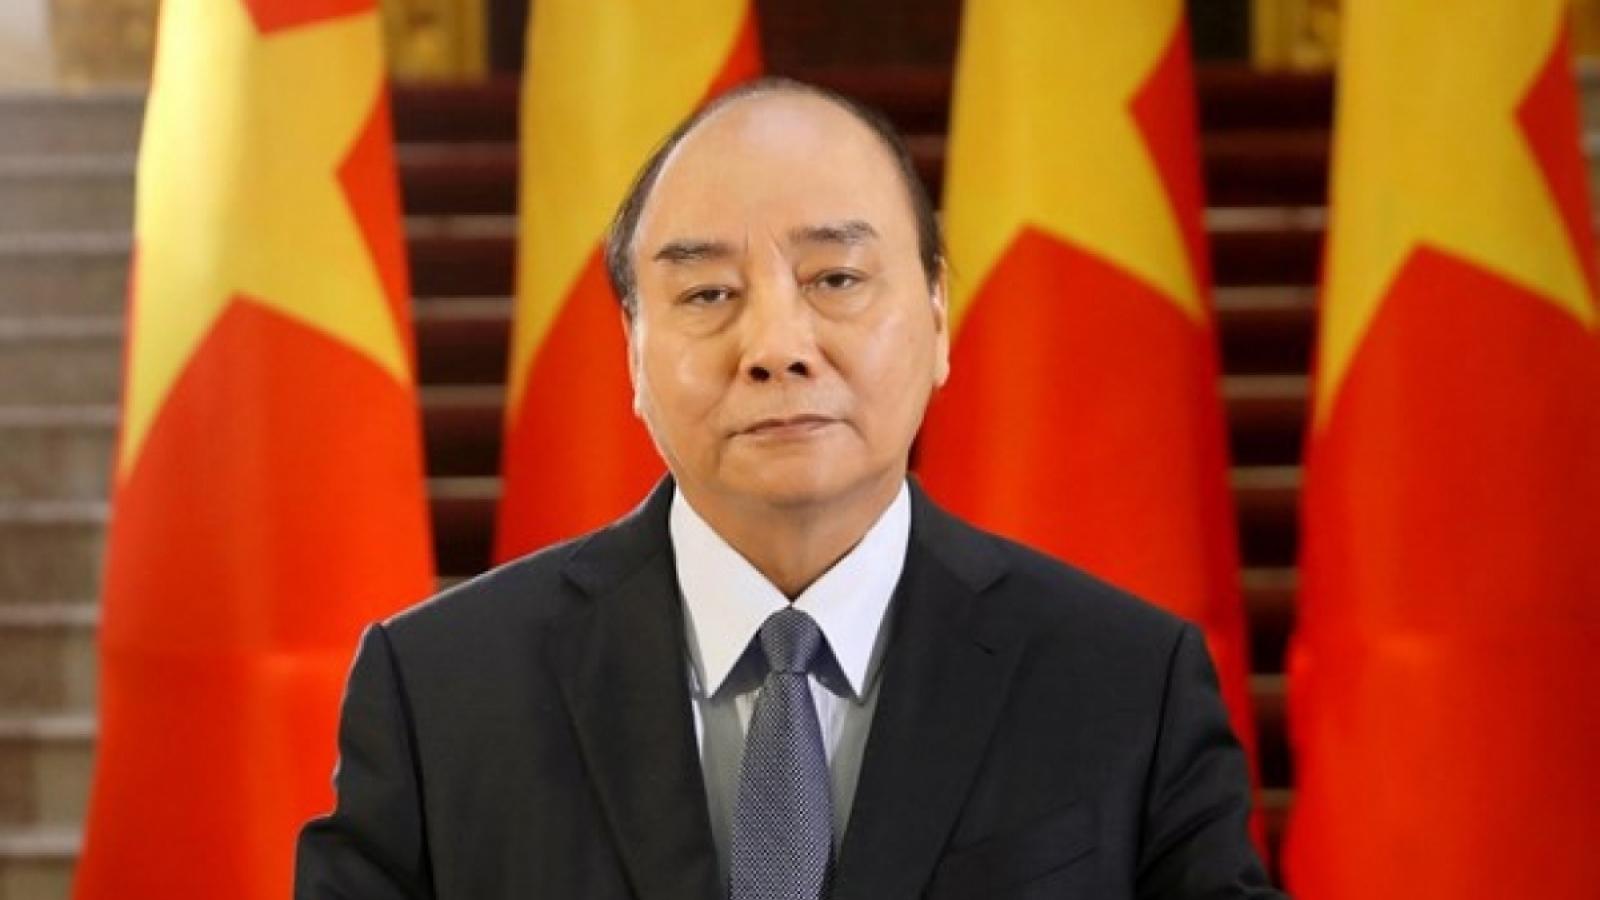 """Chủ tịch nước: """"Gia tài"""" lớn nhất của chính quyền là niềm tin của nhân dân"""